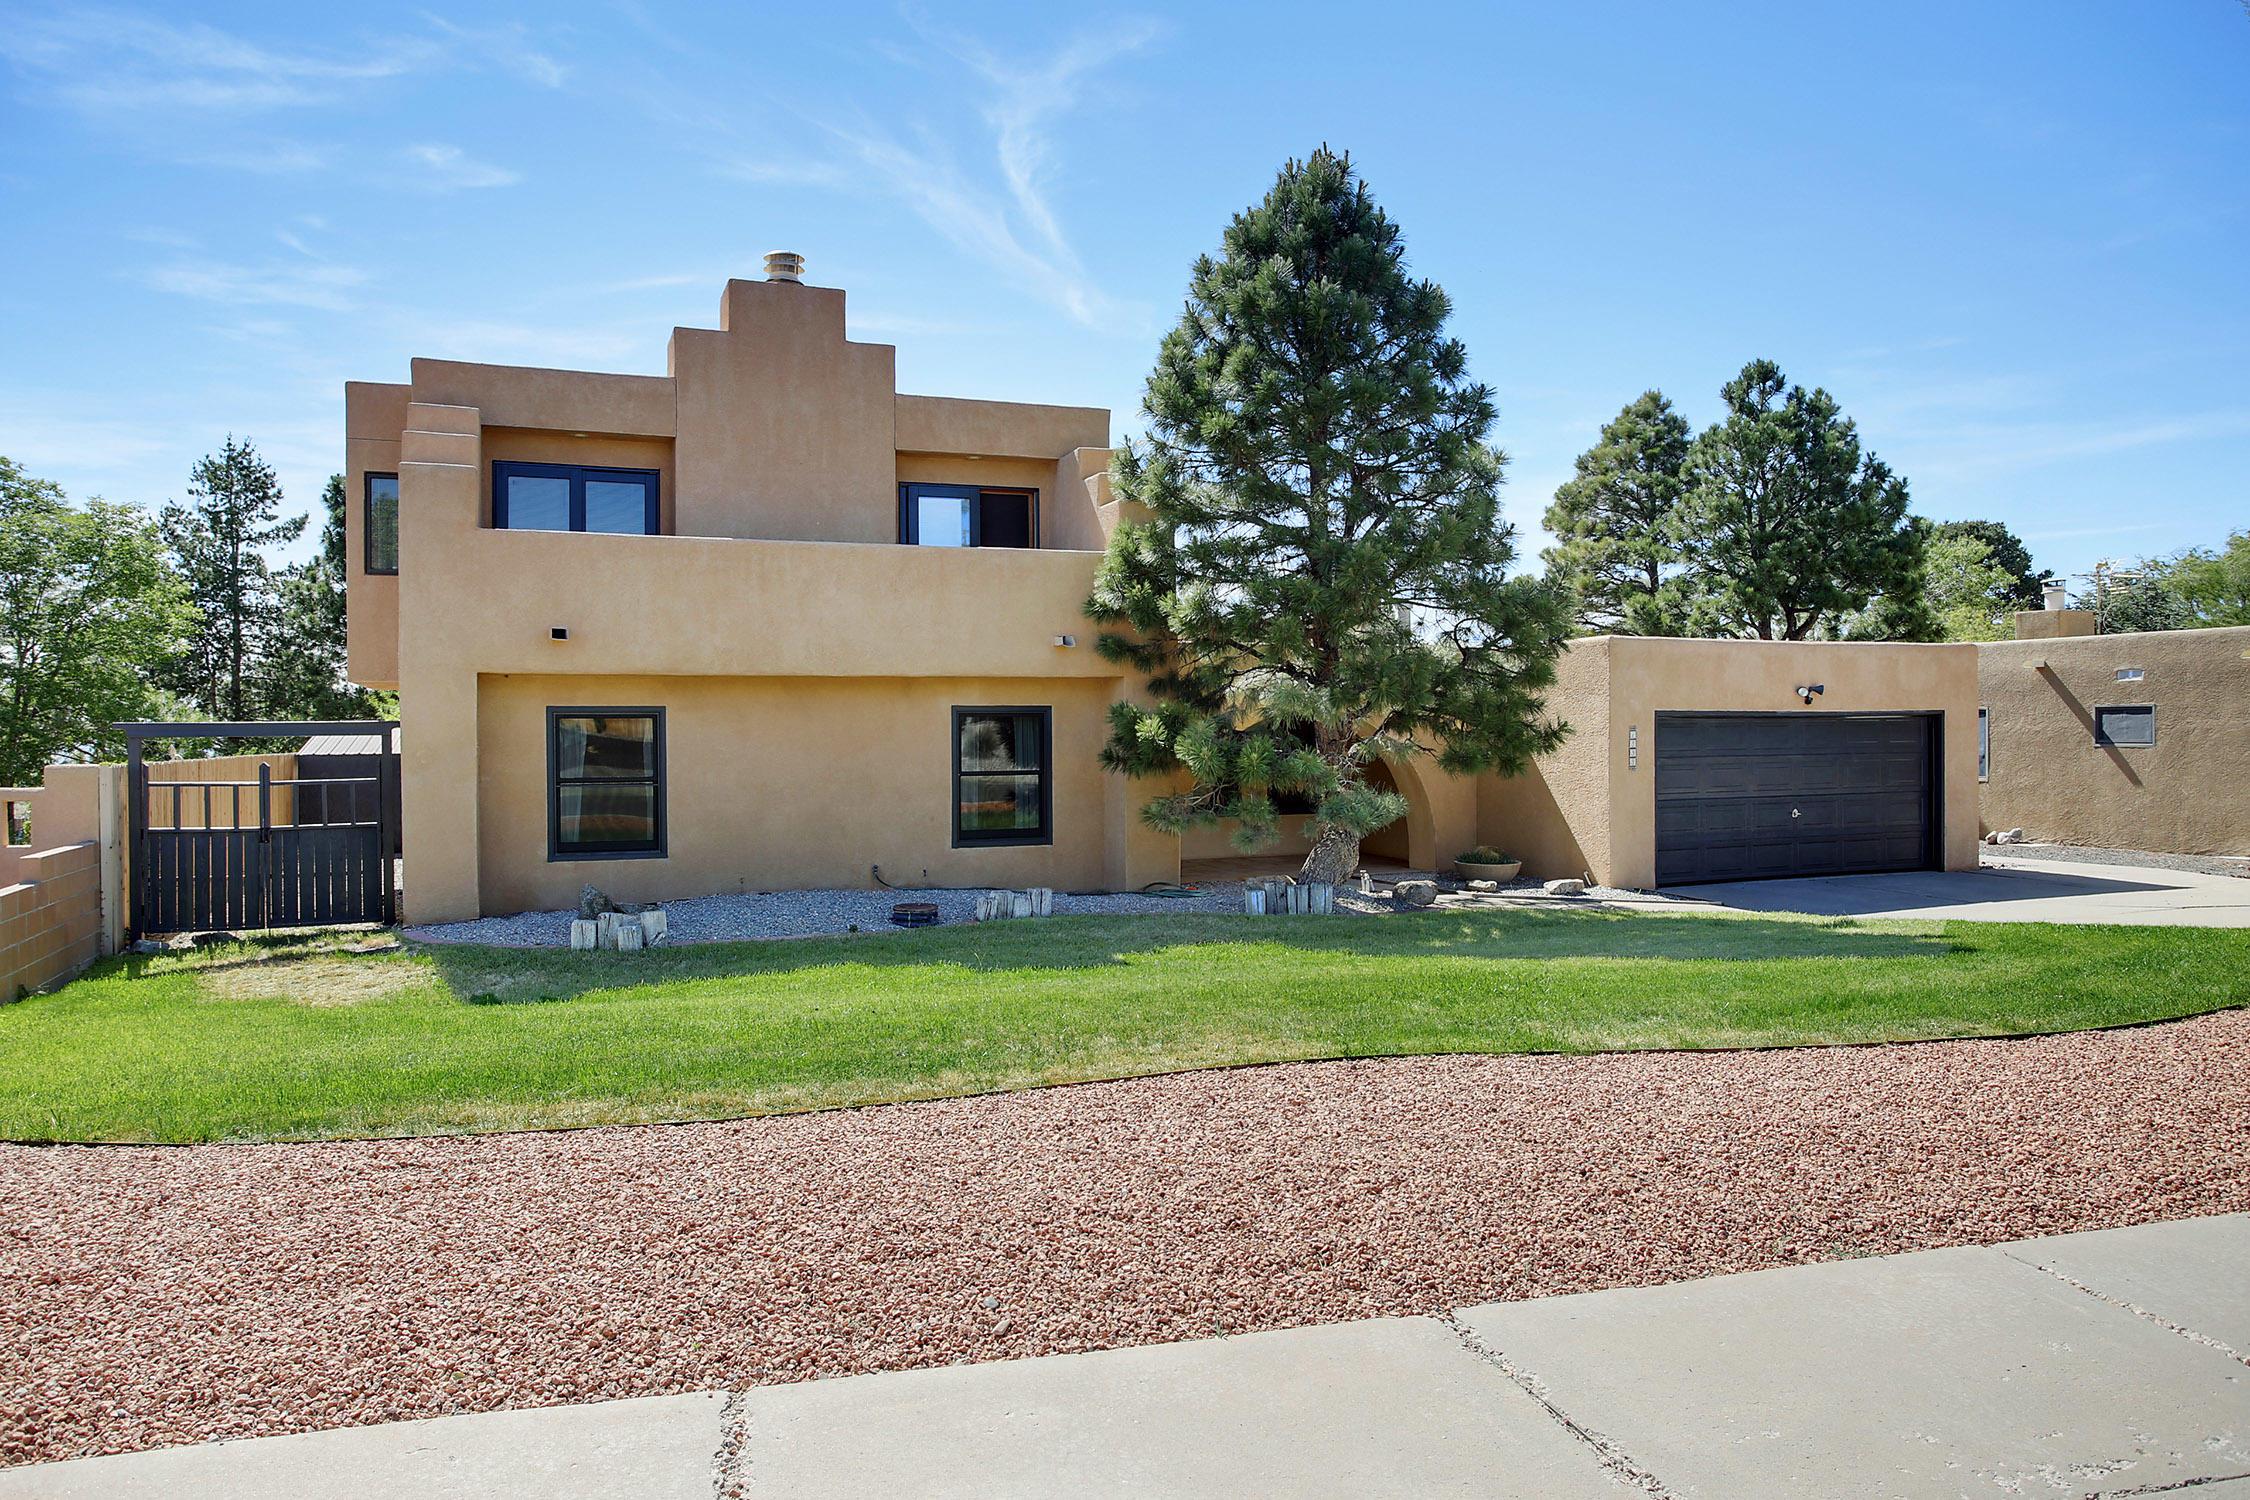 1333 CAMINO CERRITO SE, Albuquerque, NM 87123 - Albuquerque, NM real estate listing